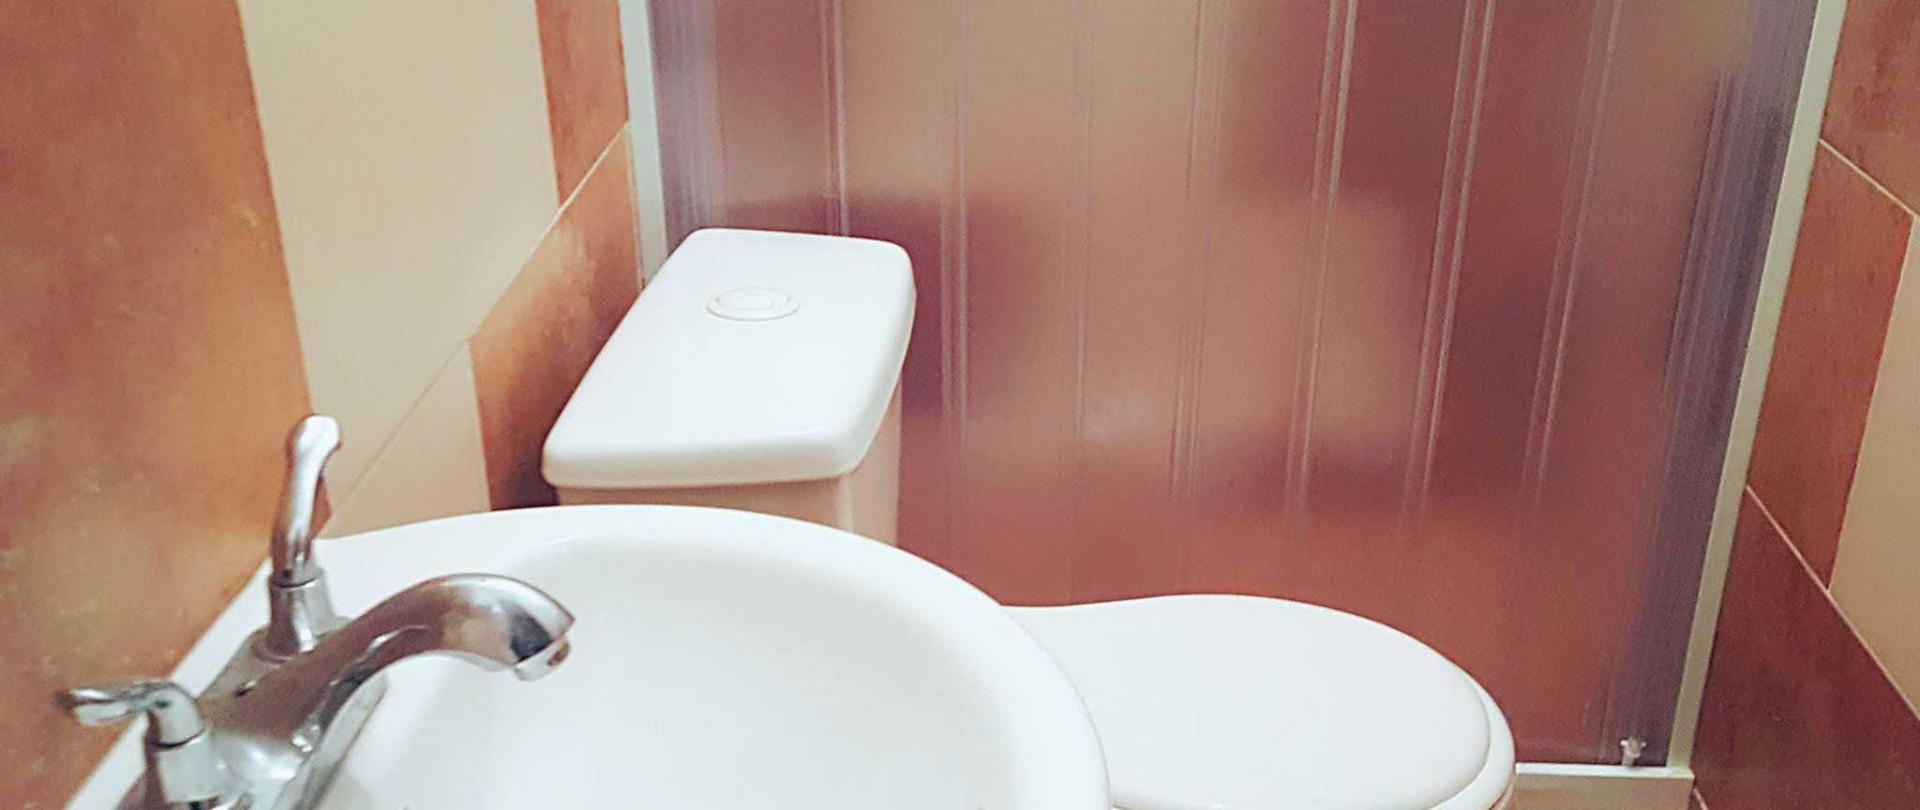 hostal-toilet.jpg